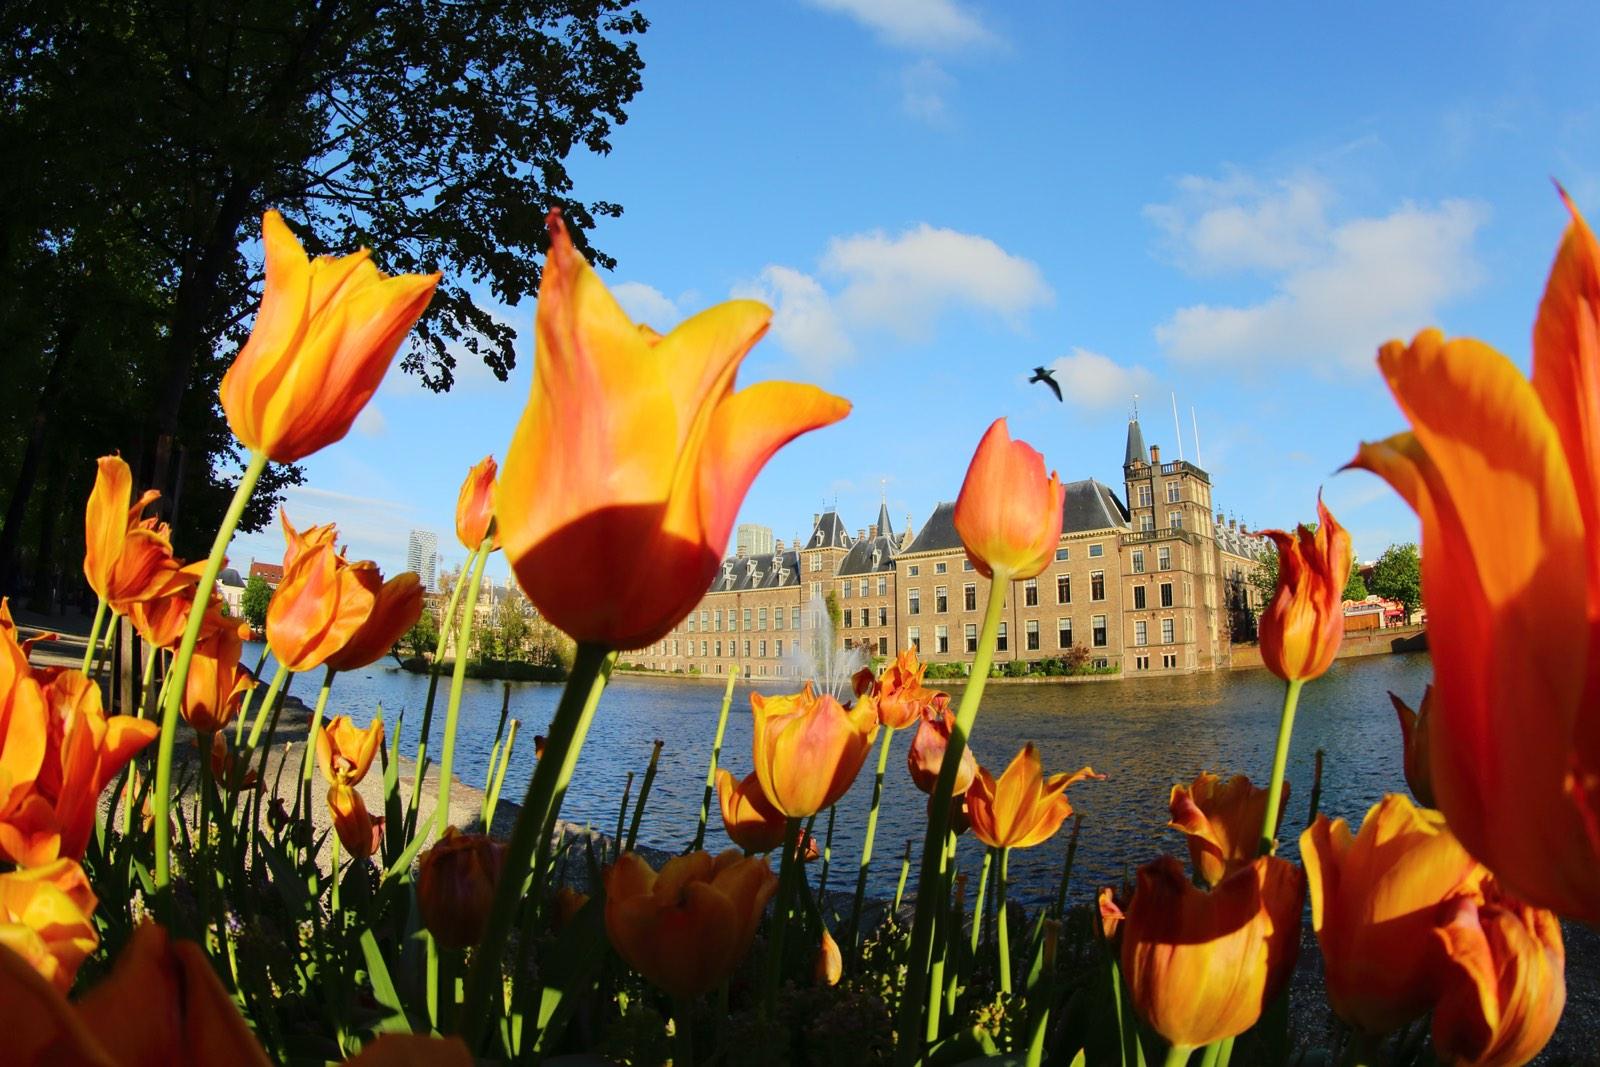 Binnenhof Den Haag vanuit tulpen aan overkant water